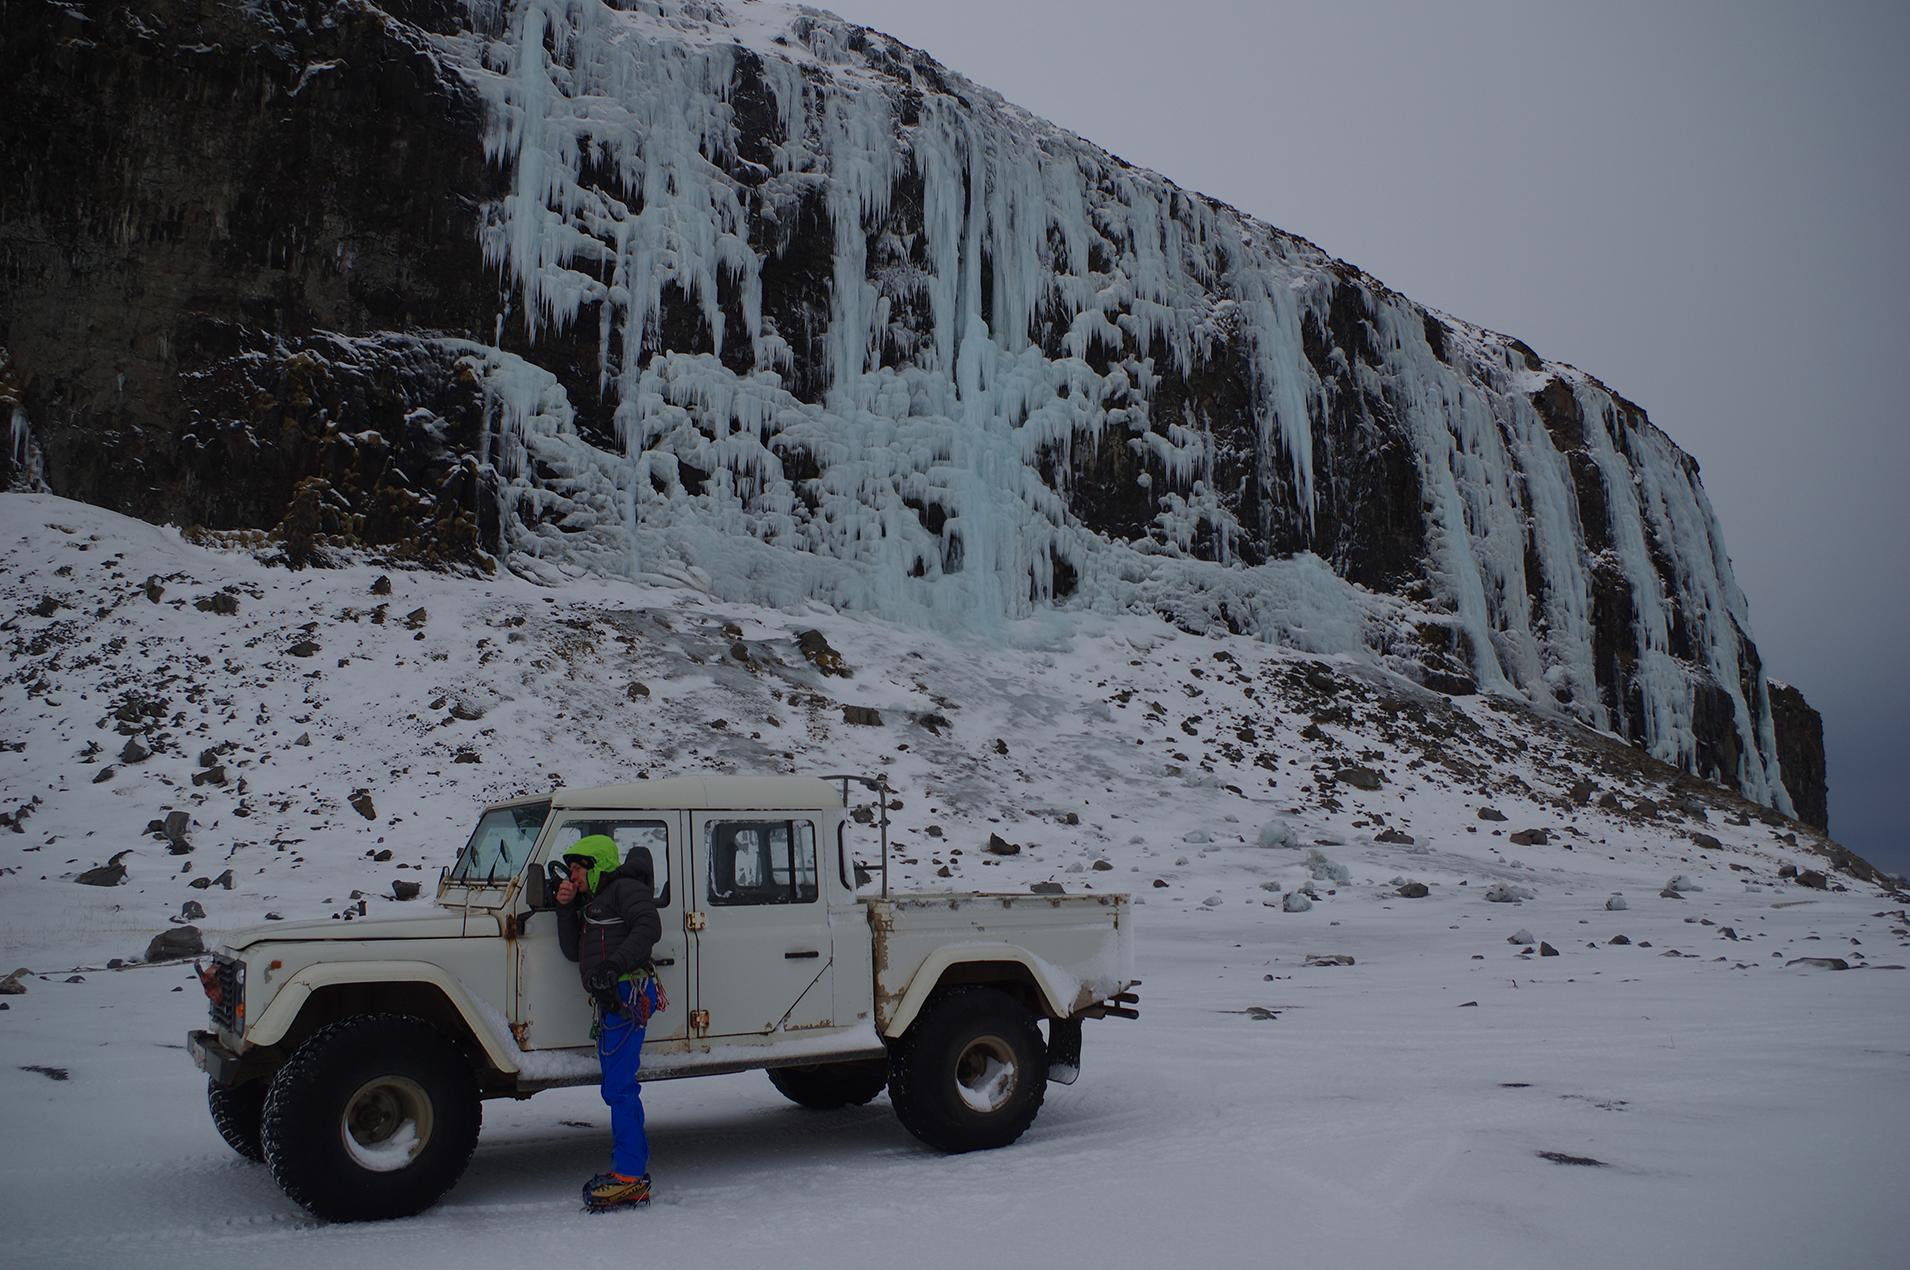 Kaldakinn Islande glace